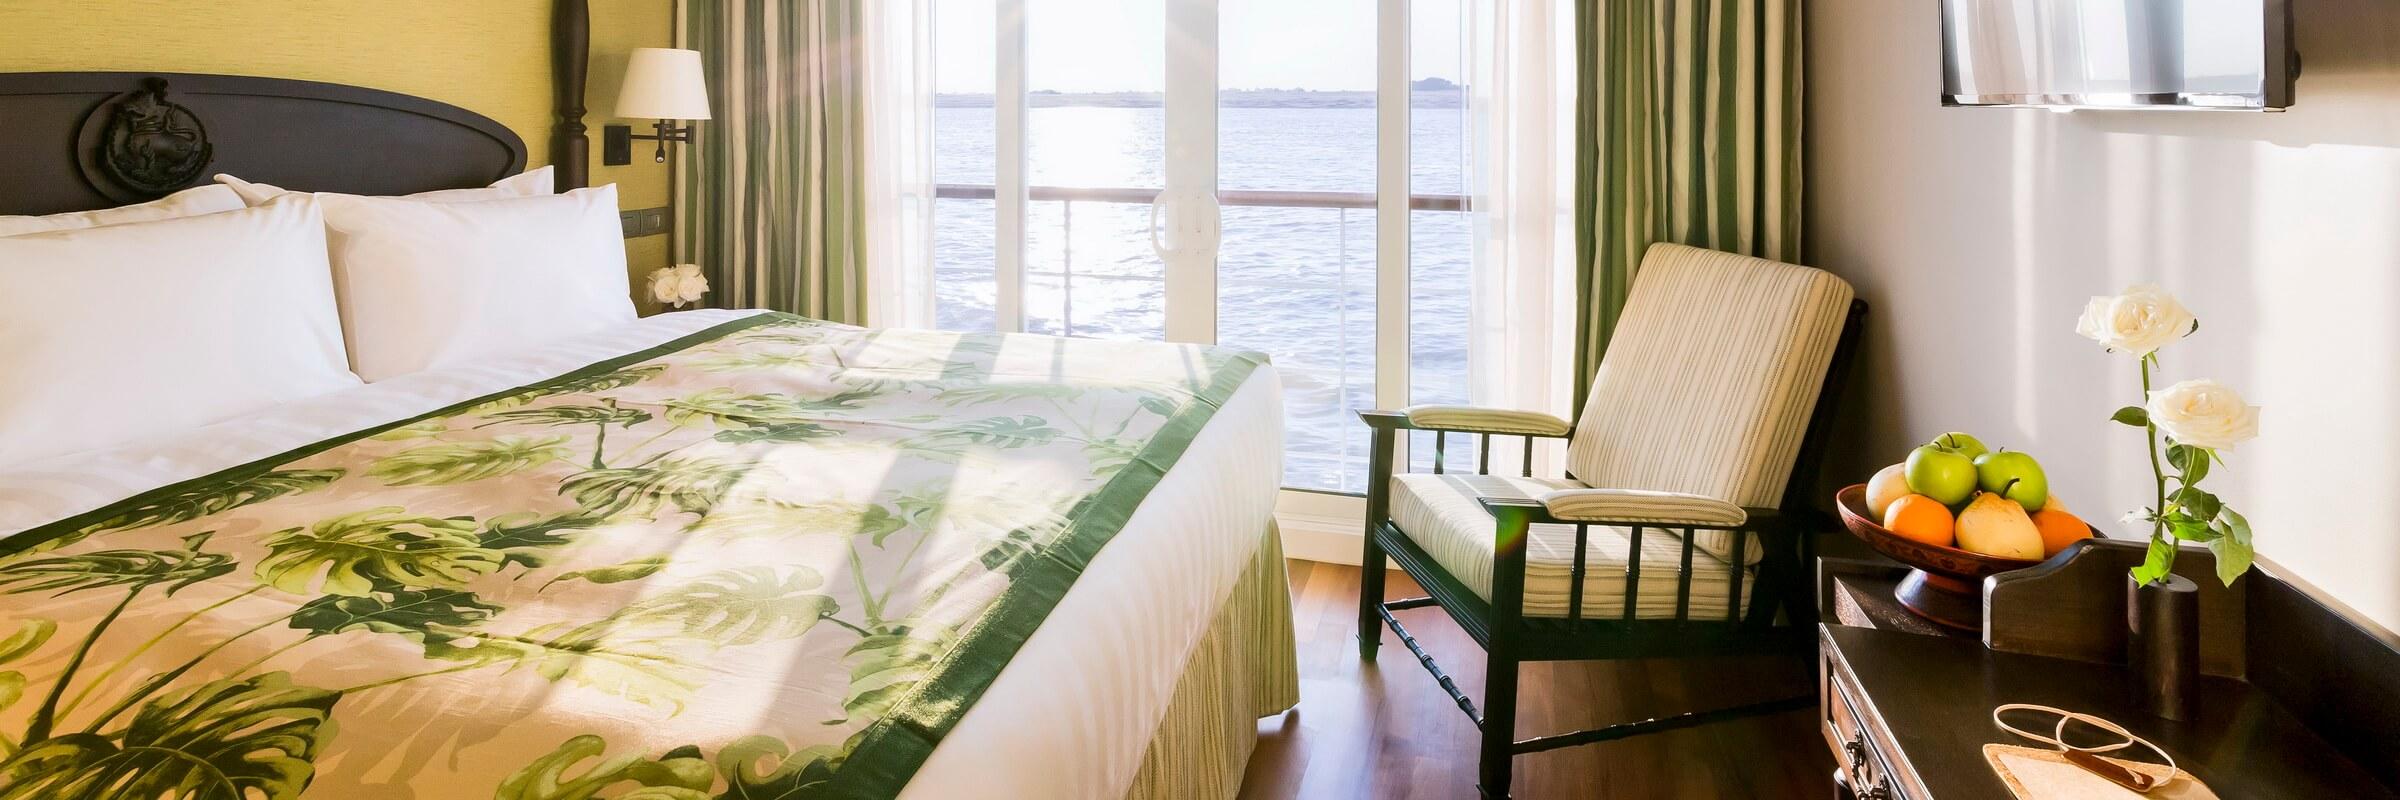 Die 16 qm großen Deluxe Cabins verfügen über separates Bad mit Regendusche, King-Size Bett und Sessel.